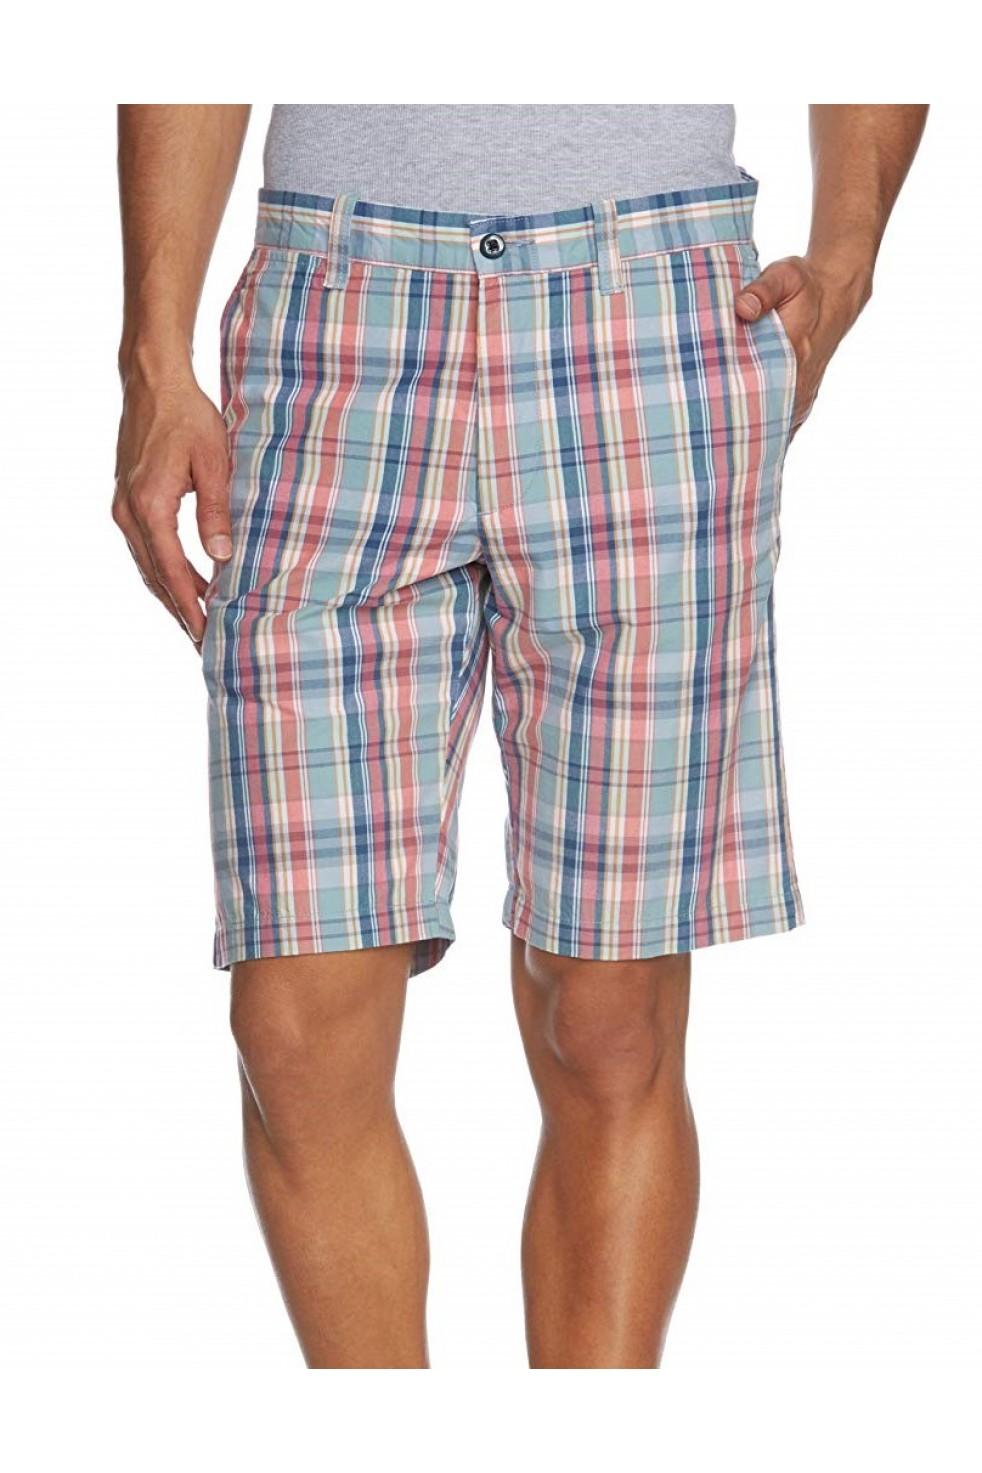 Dockers-Erkek-Chino-Shorts-37999-0012